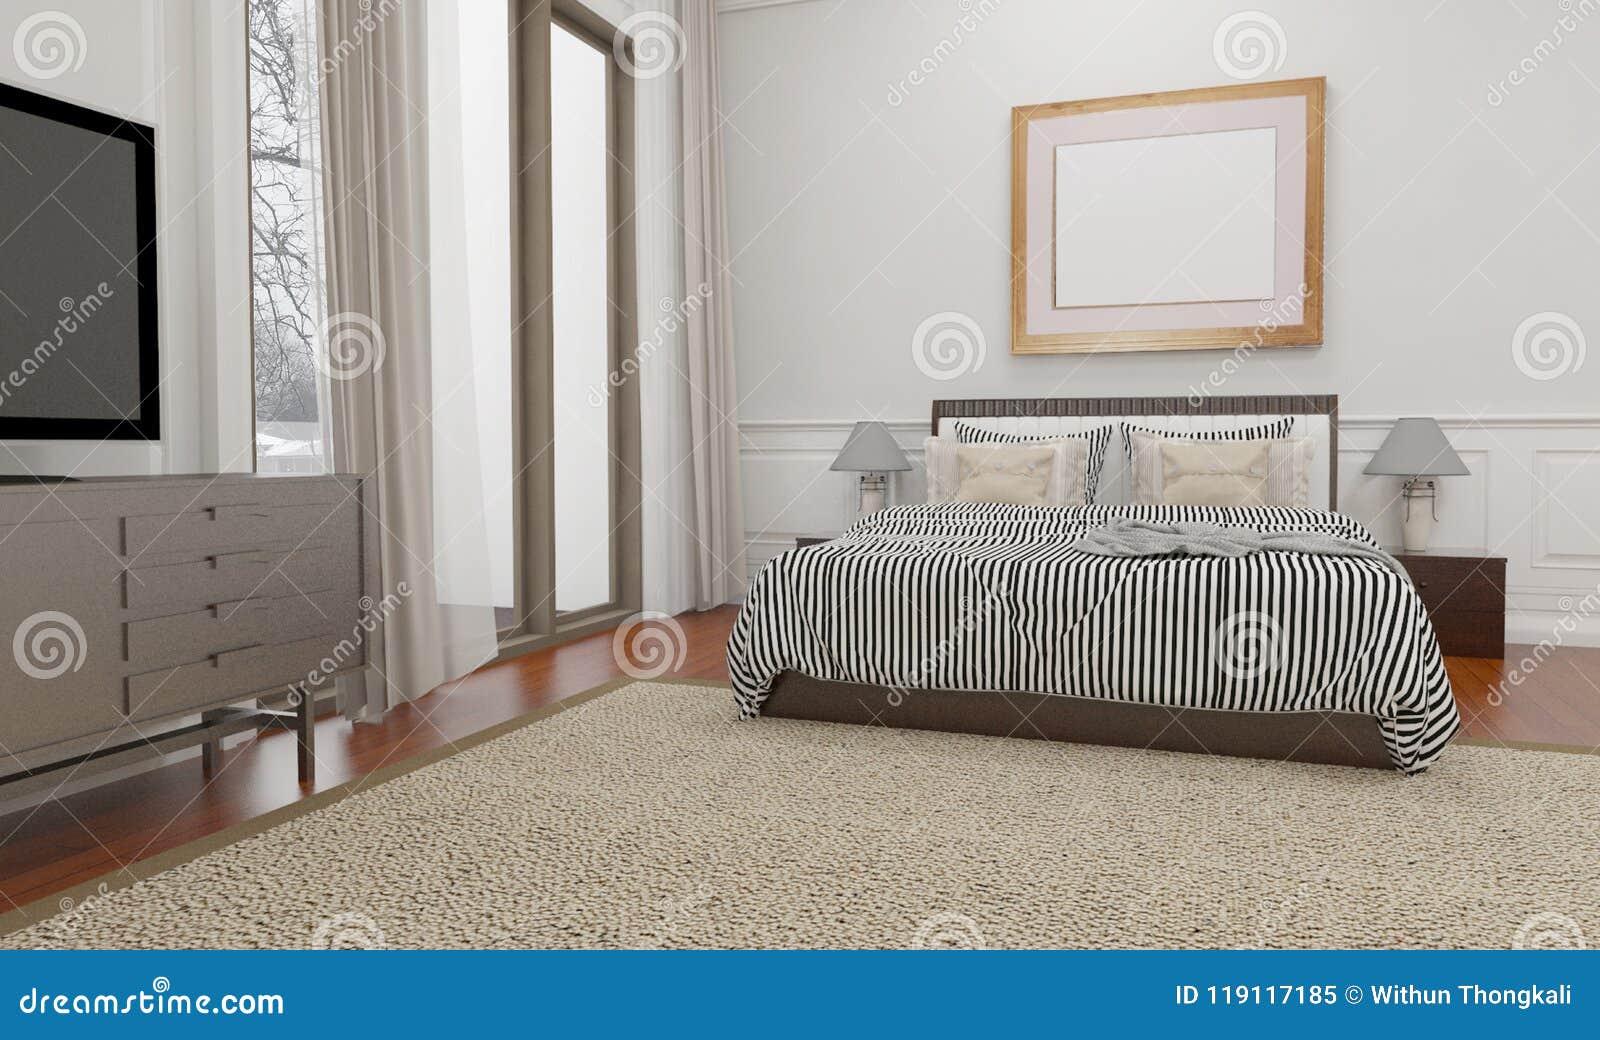 Camera Da Letto Stile Minimalista : Lo stile minimalista e scandinavo con linterno accogliente della